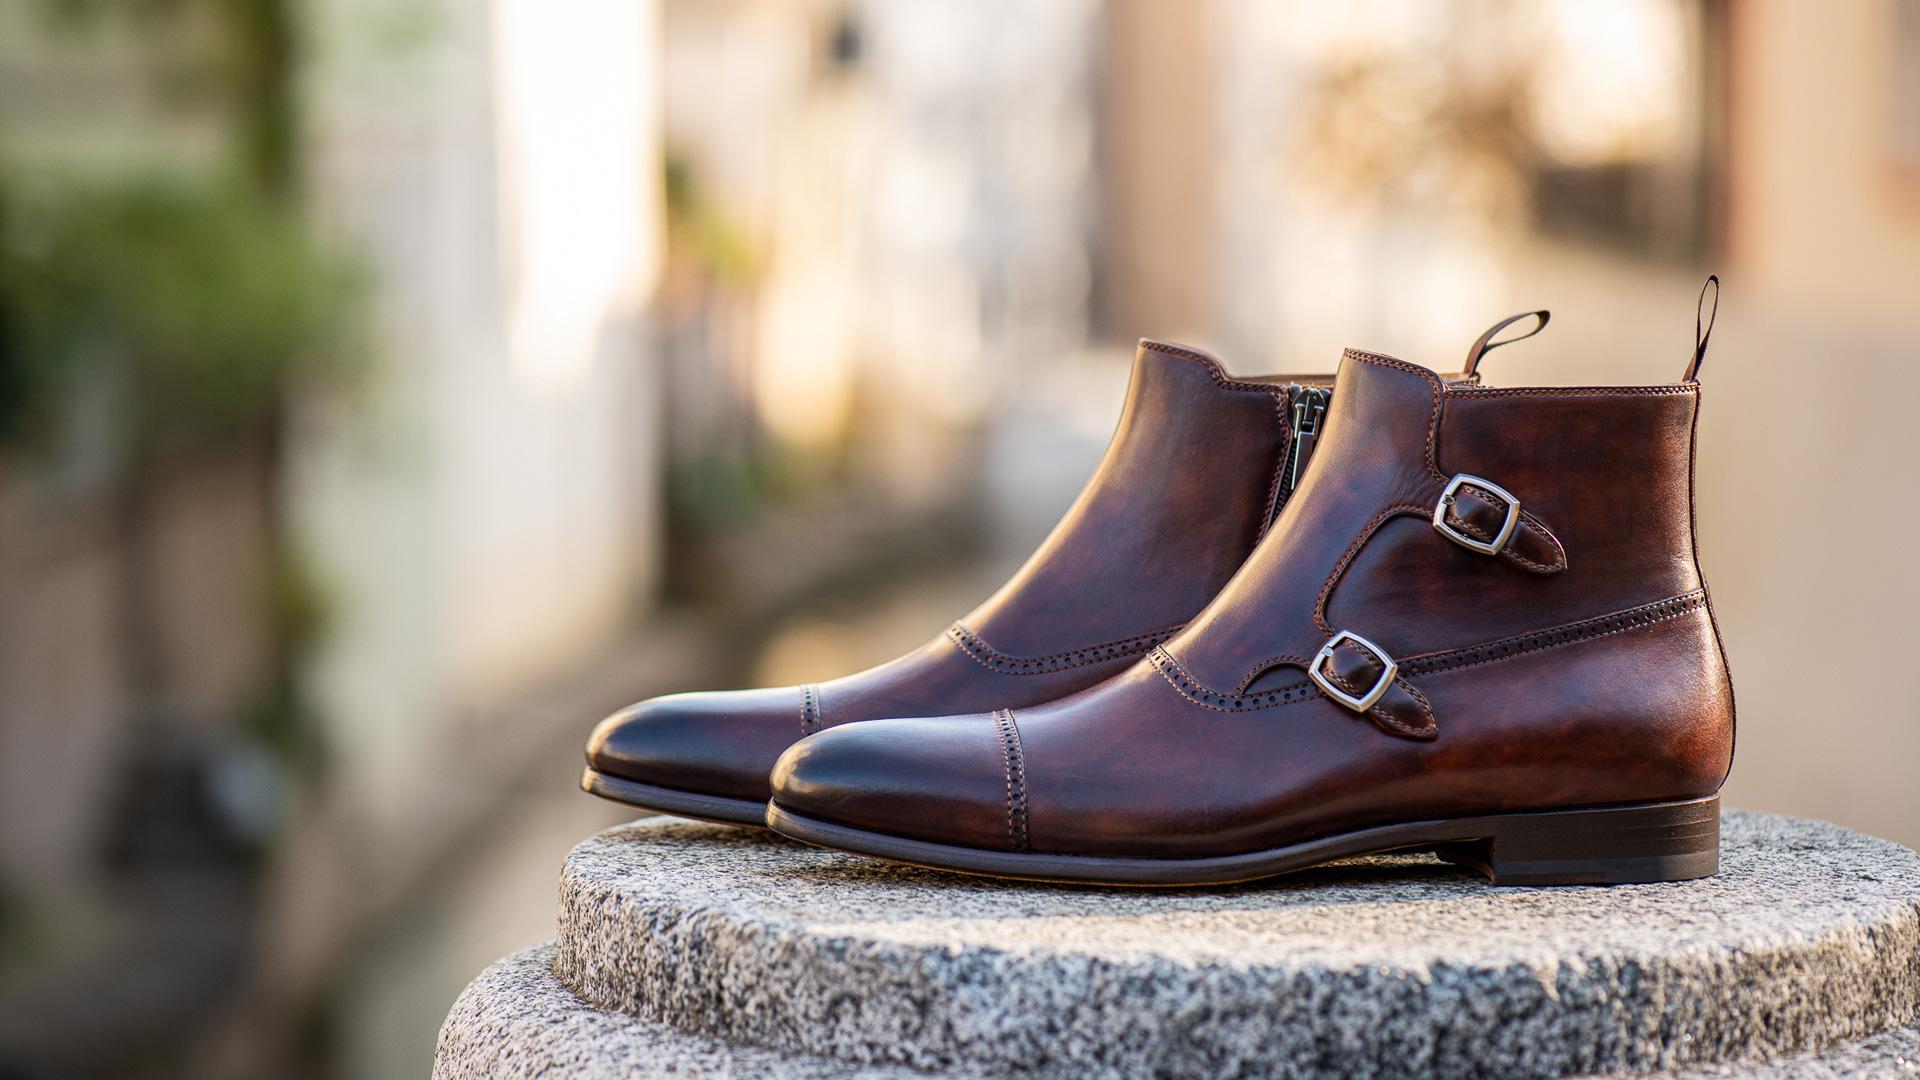 Blažek Magazín - Jak si vybrat kvalitní kožené boty?